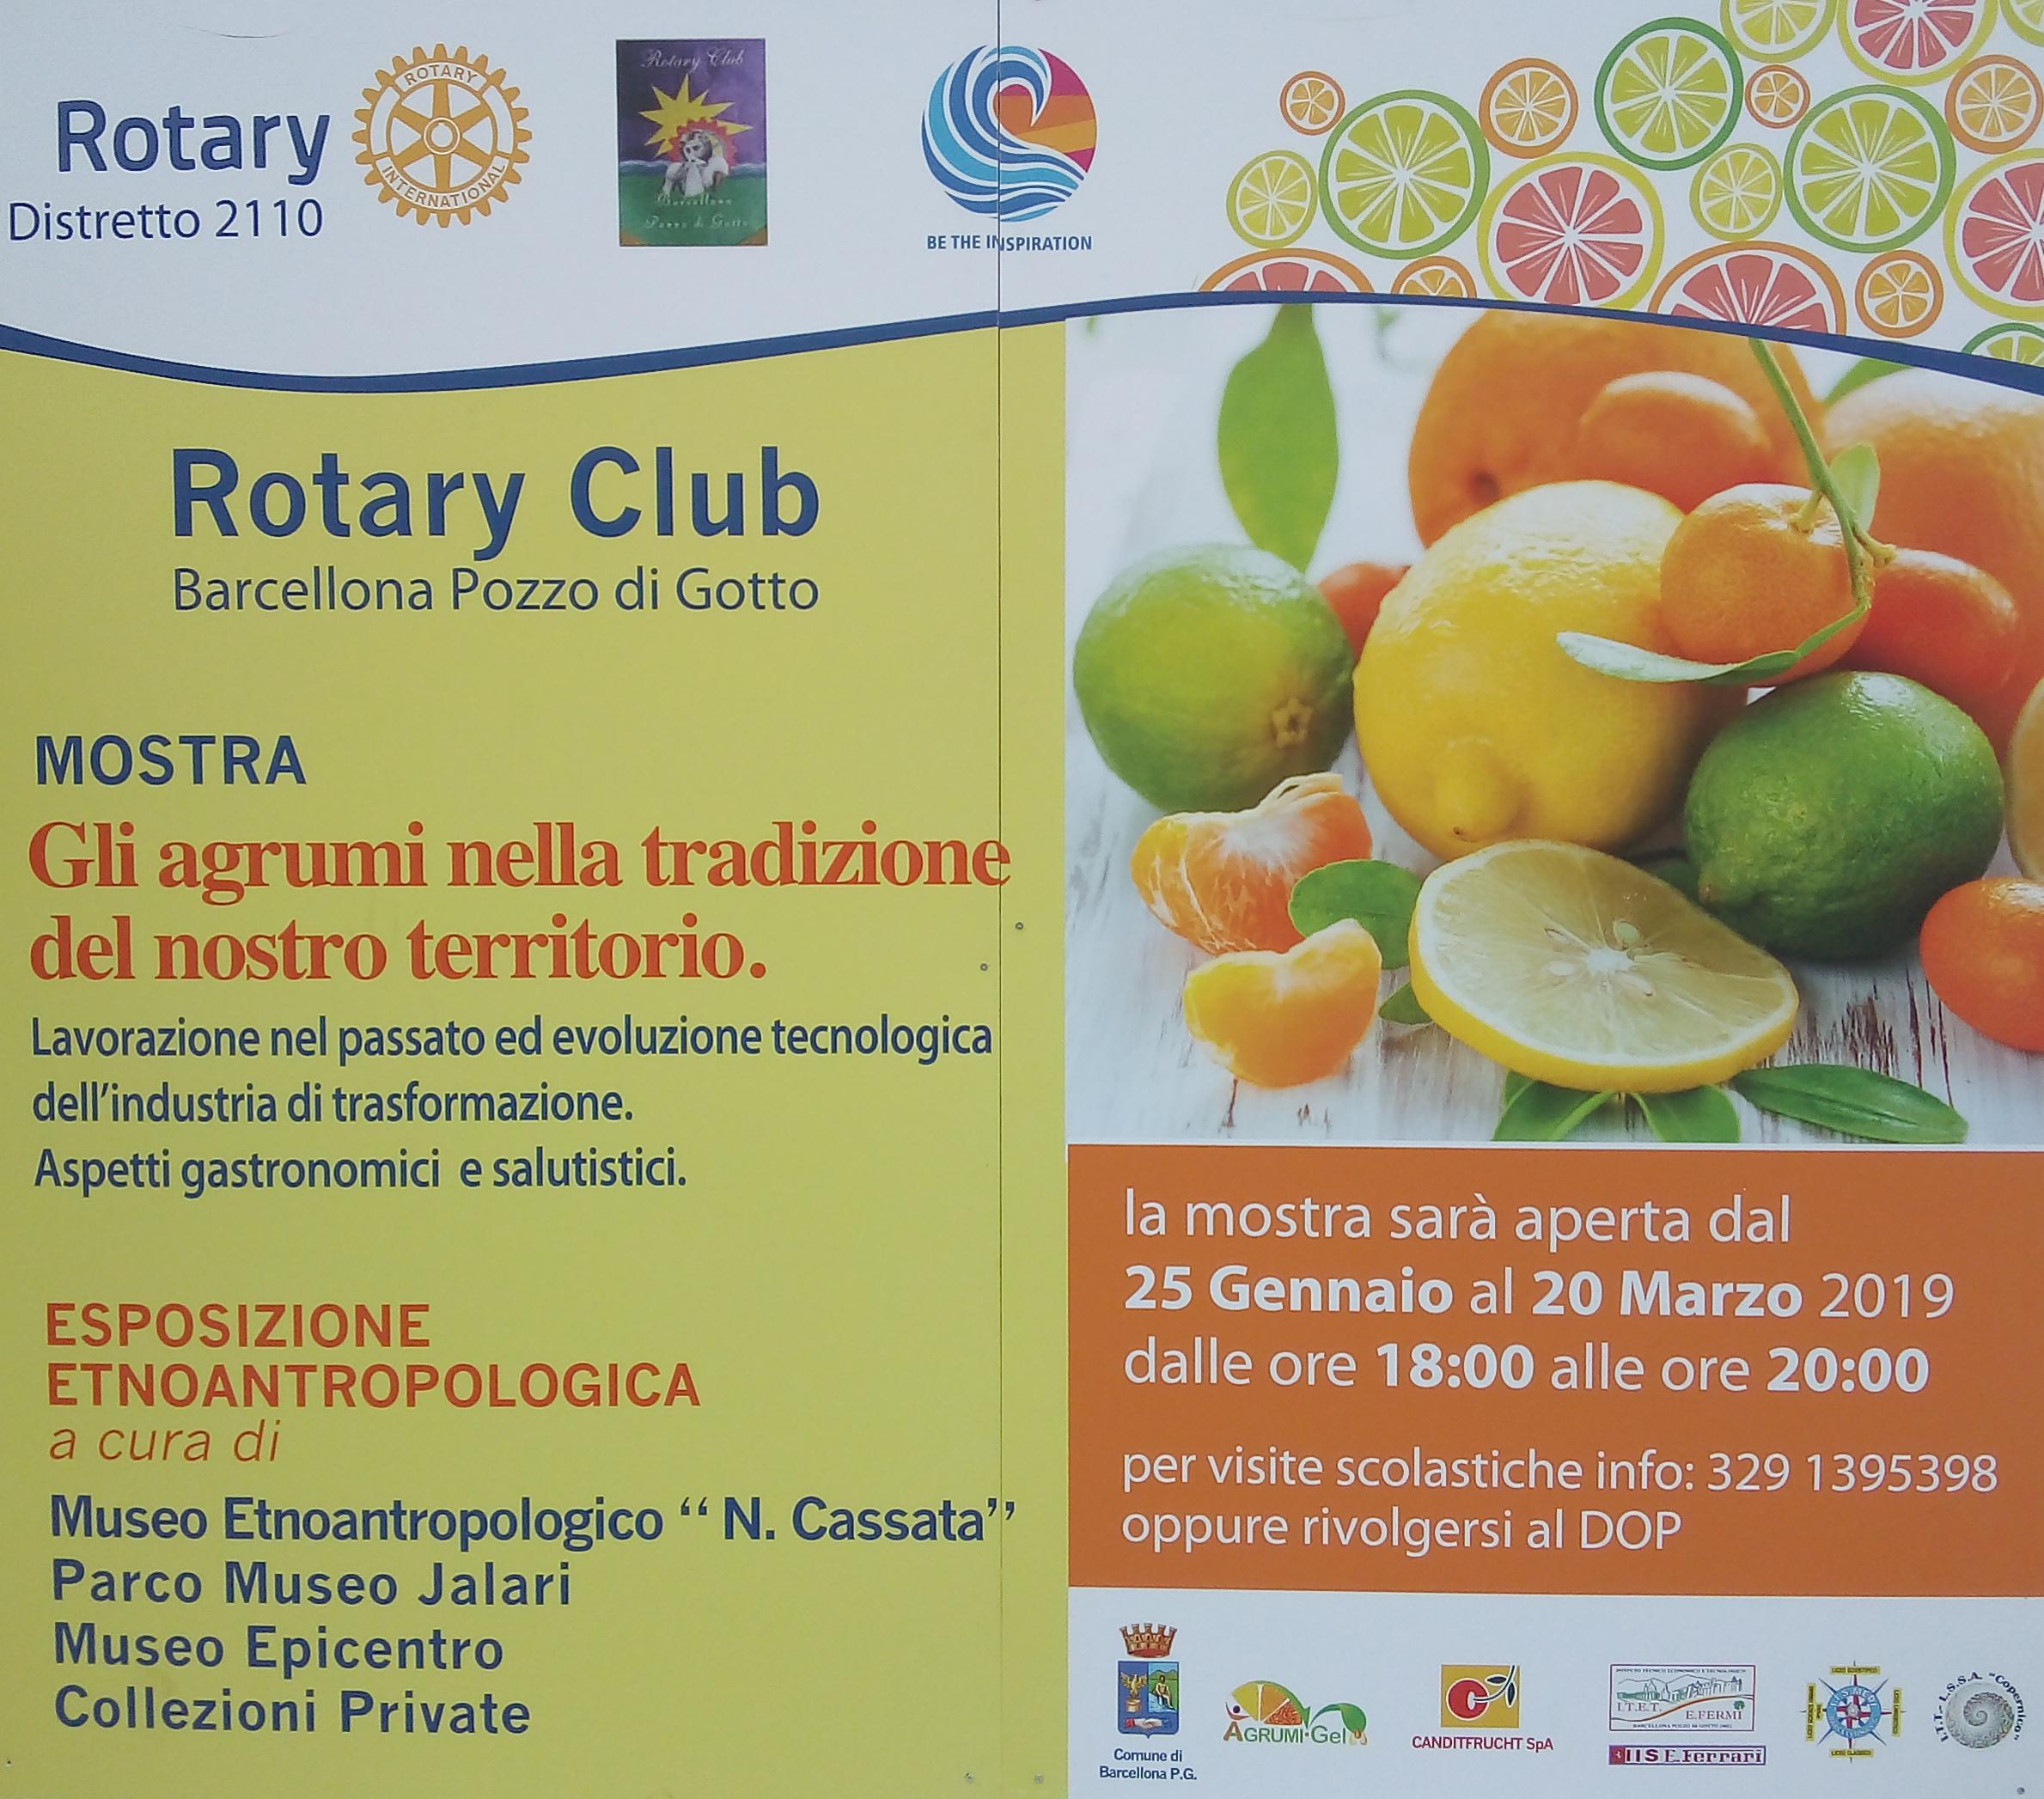 """Barcellona PG. Premio Rotary 2018/2019. Mostra ed Esposizione Etnoantropologica alla Galleria Civica """"Seme d'Arancia"""""""